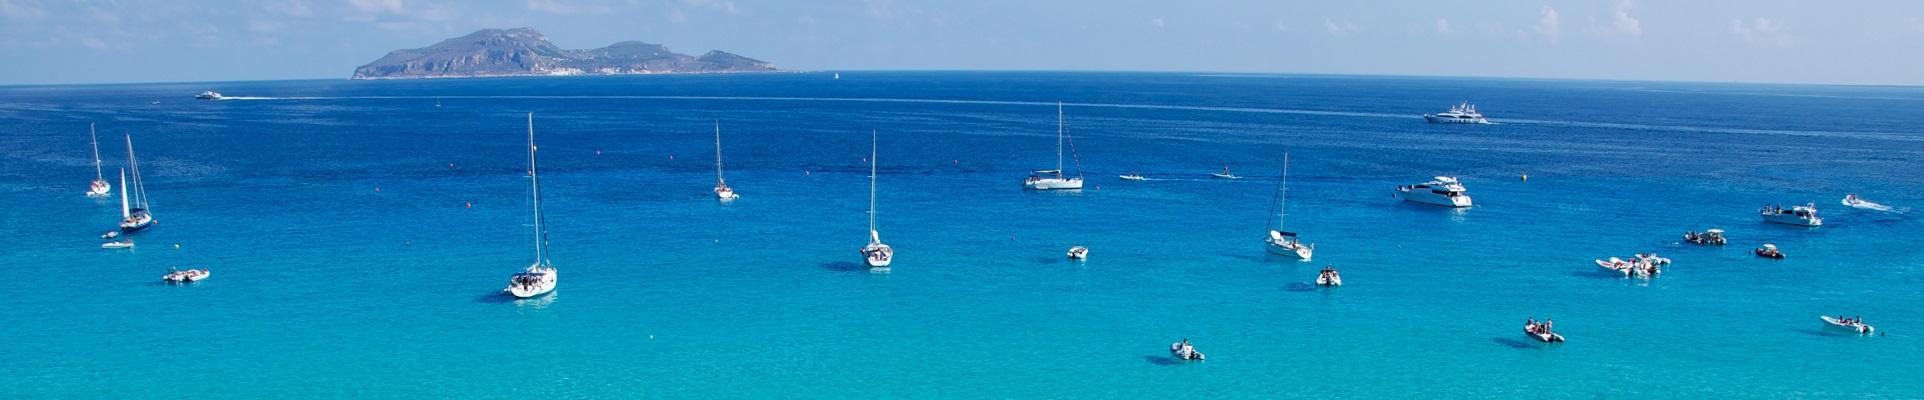 Ville e case vacanze nelle Isole Egadi